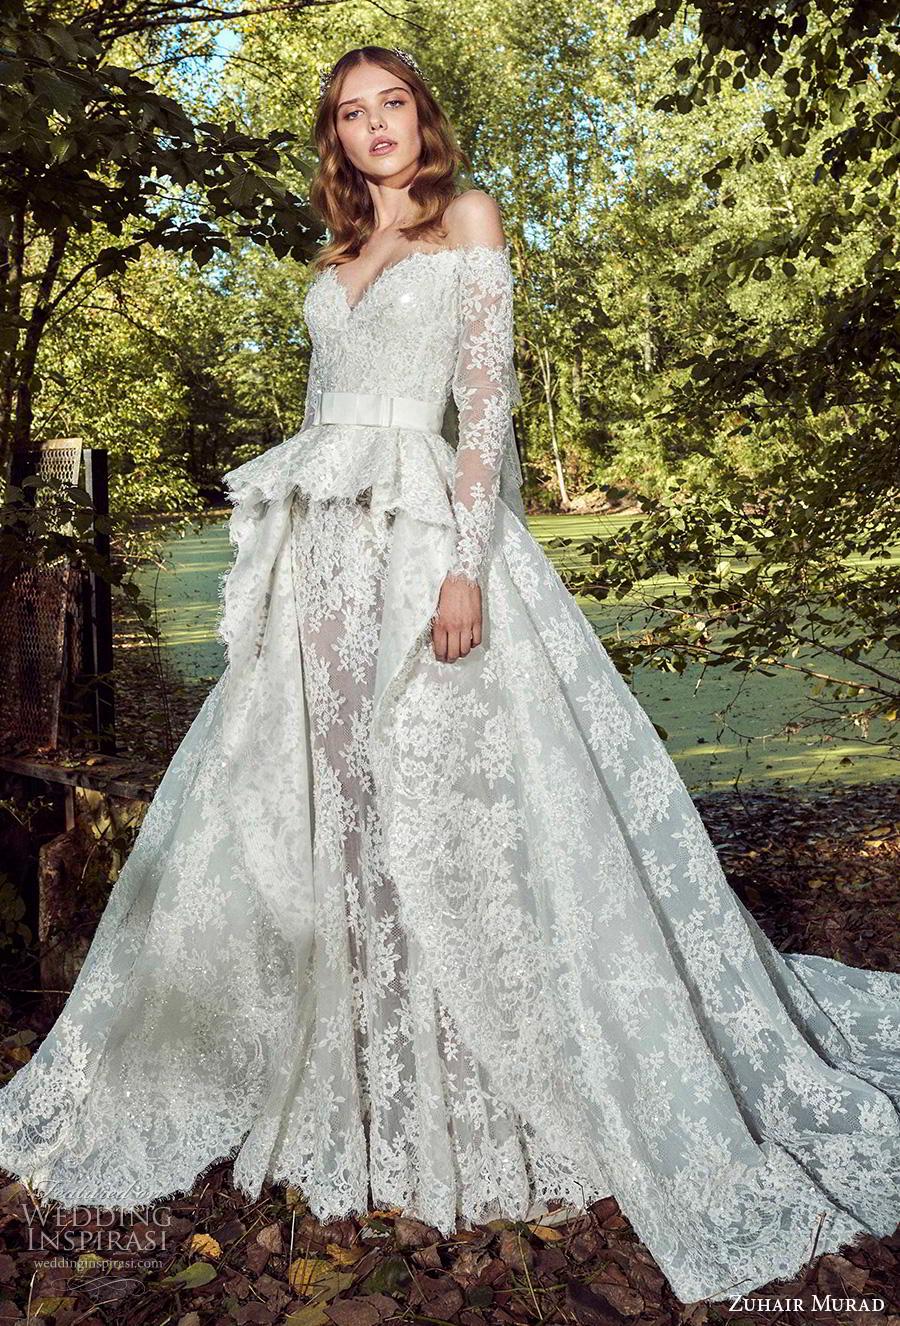 zuhair murad fall 2019 bridal long sleeves off the shoulder sweetheart neckline full embellishment peplum princess ball gown wedding dress a  line overskirt chapel train (11) mv